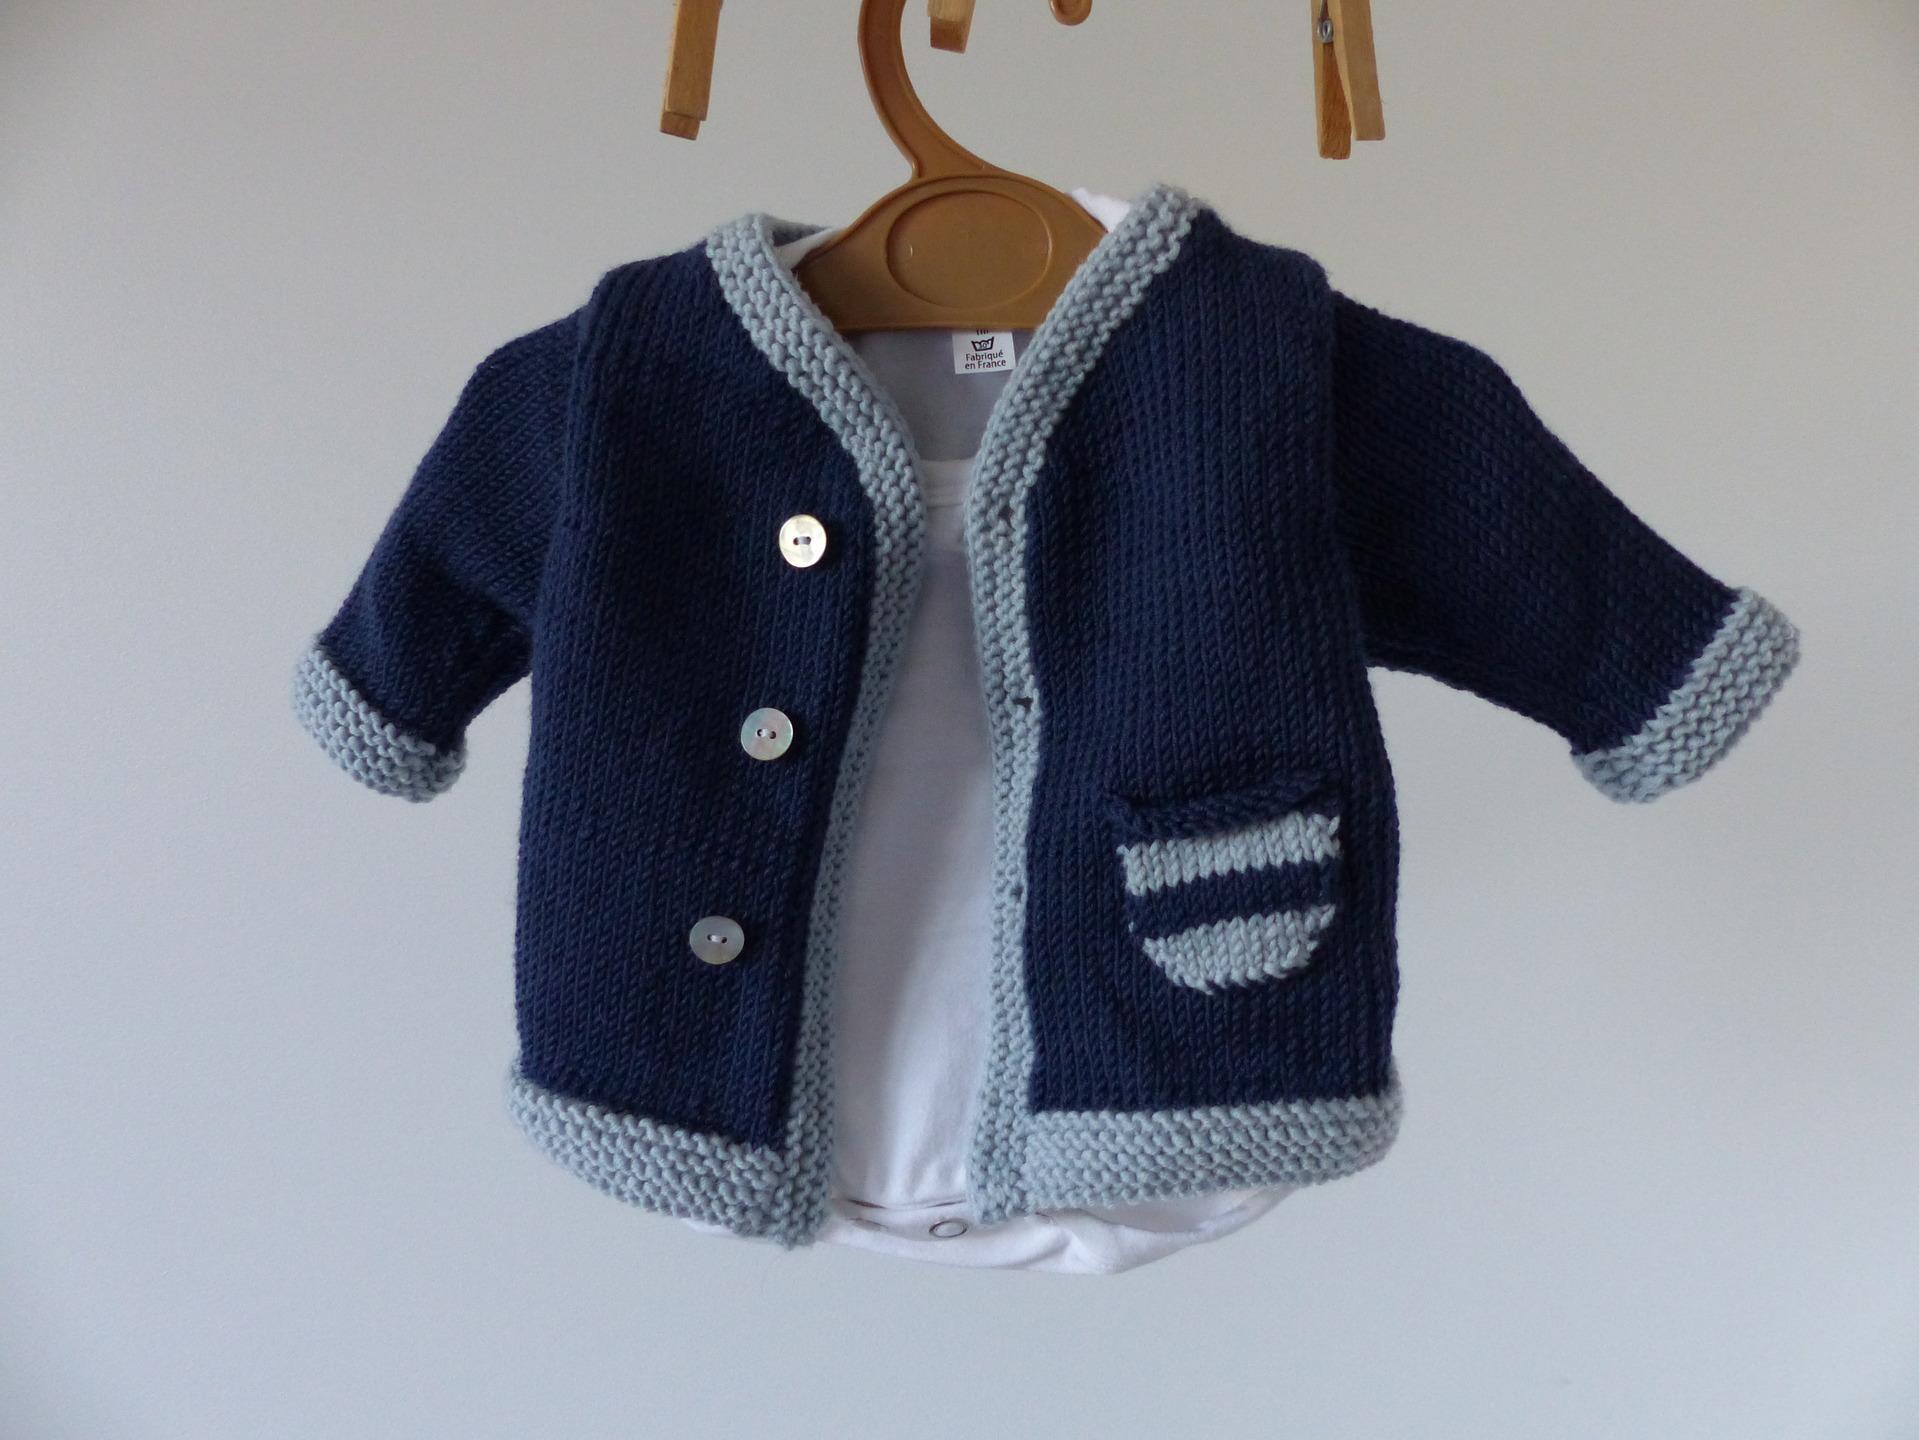 5577c15b830c0 Gilet naissance bébé - Laine et tricot